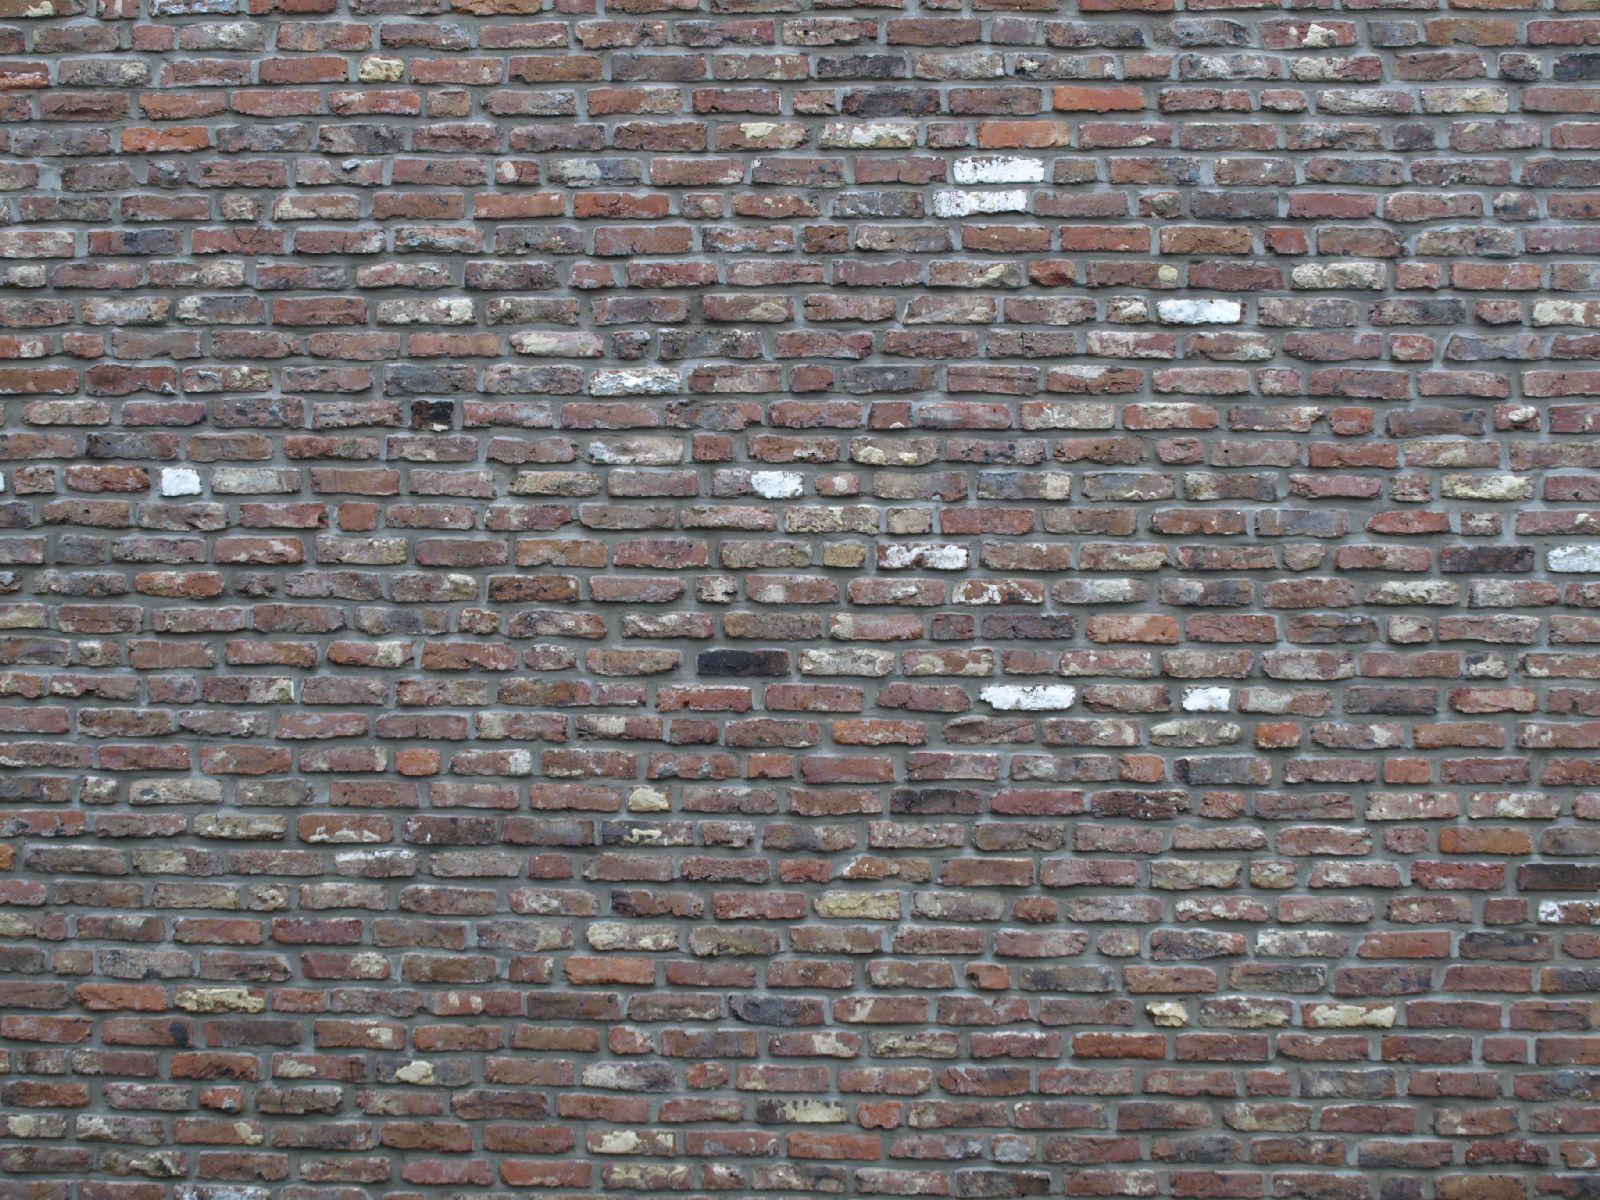 Brick_Texture_A_P6283838